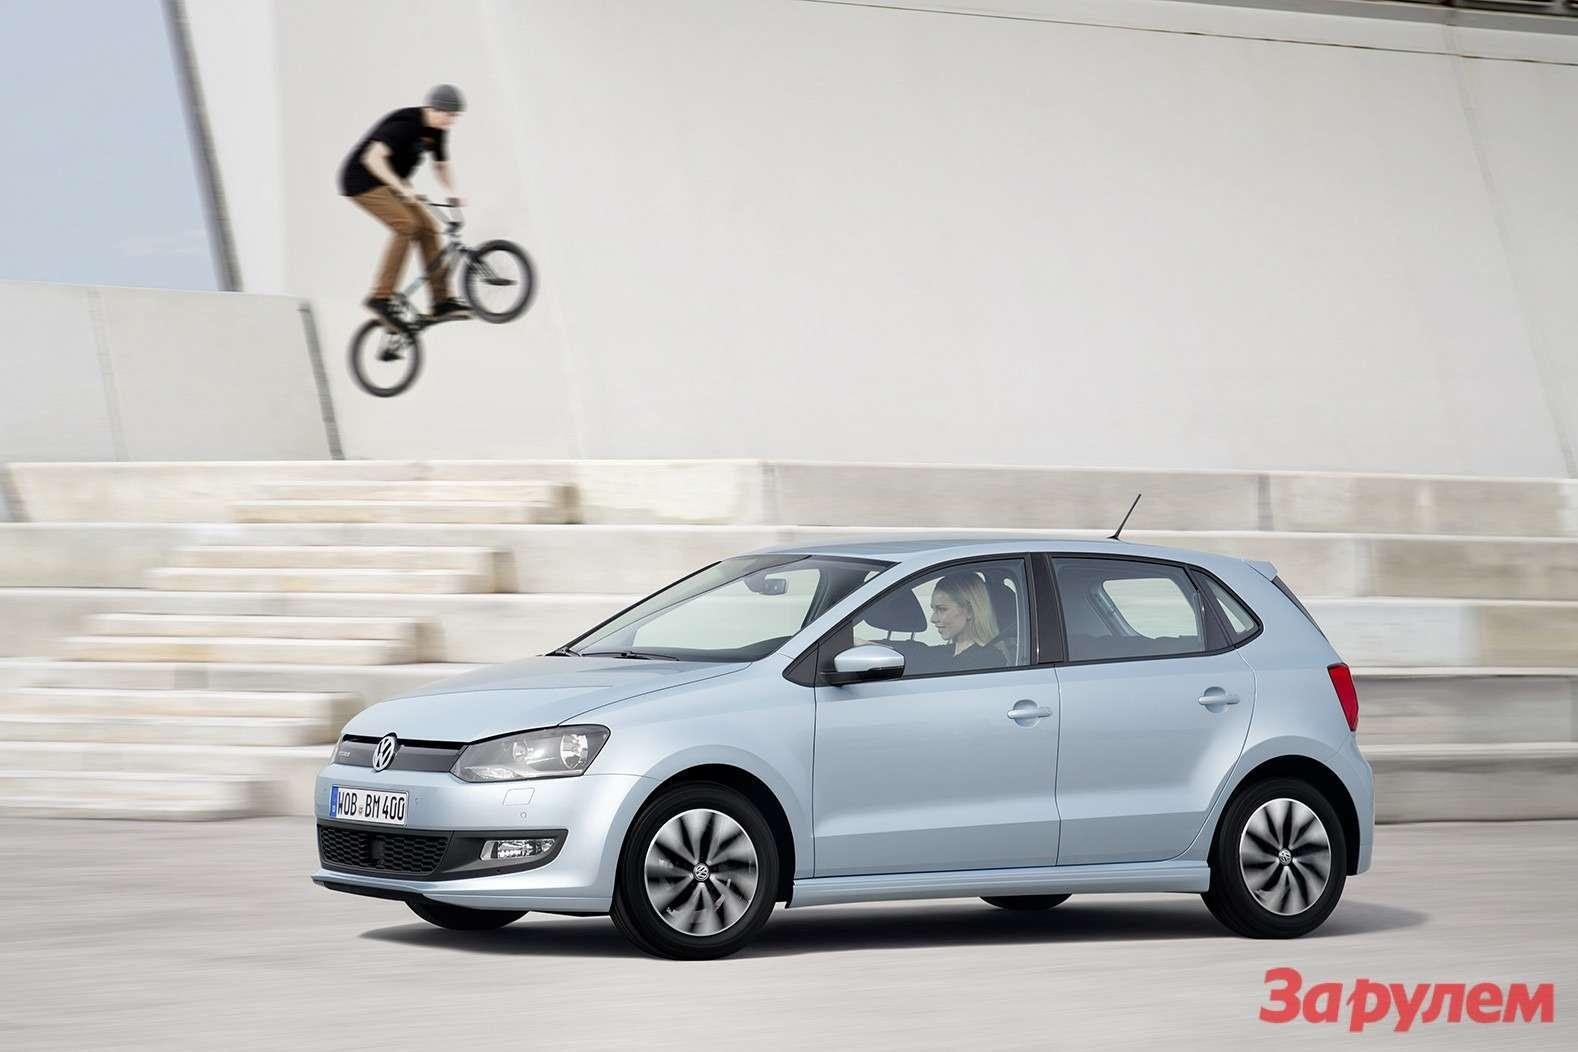 VW_Polo_Variants_Geneva_053